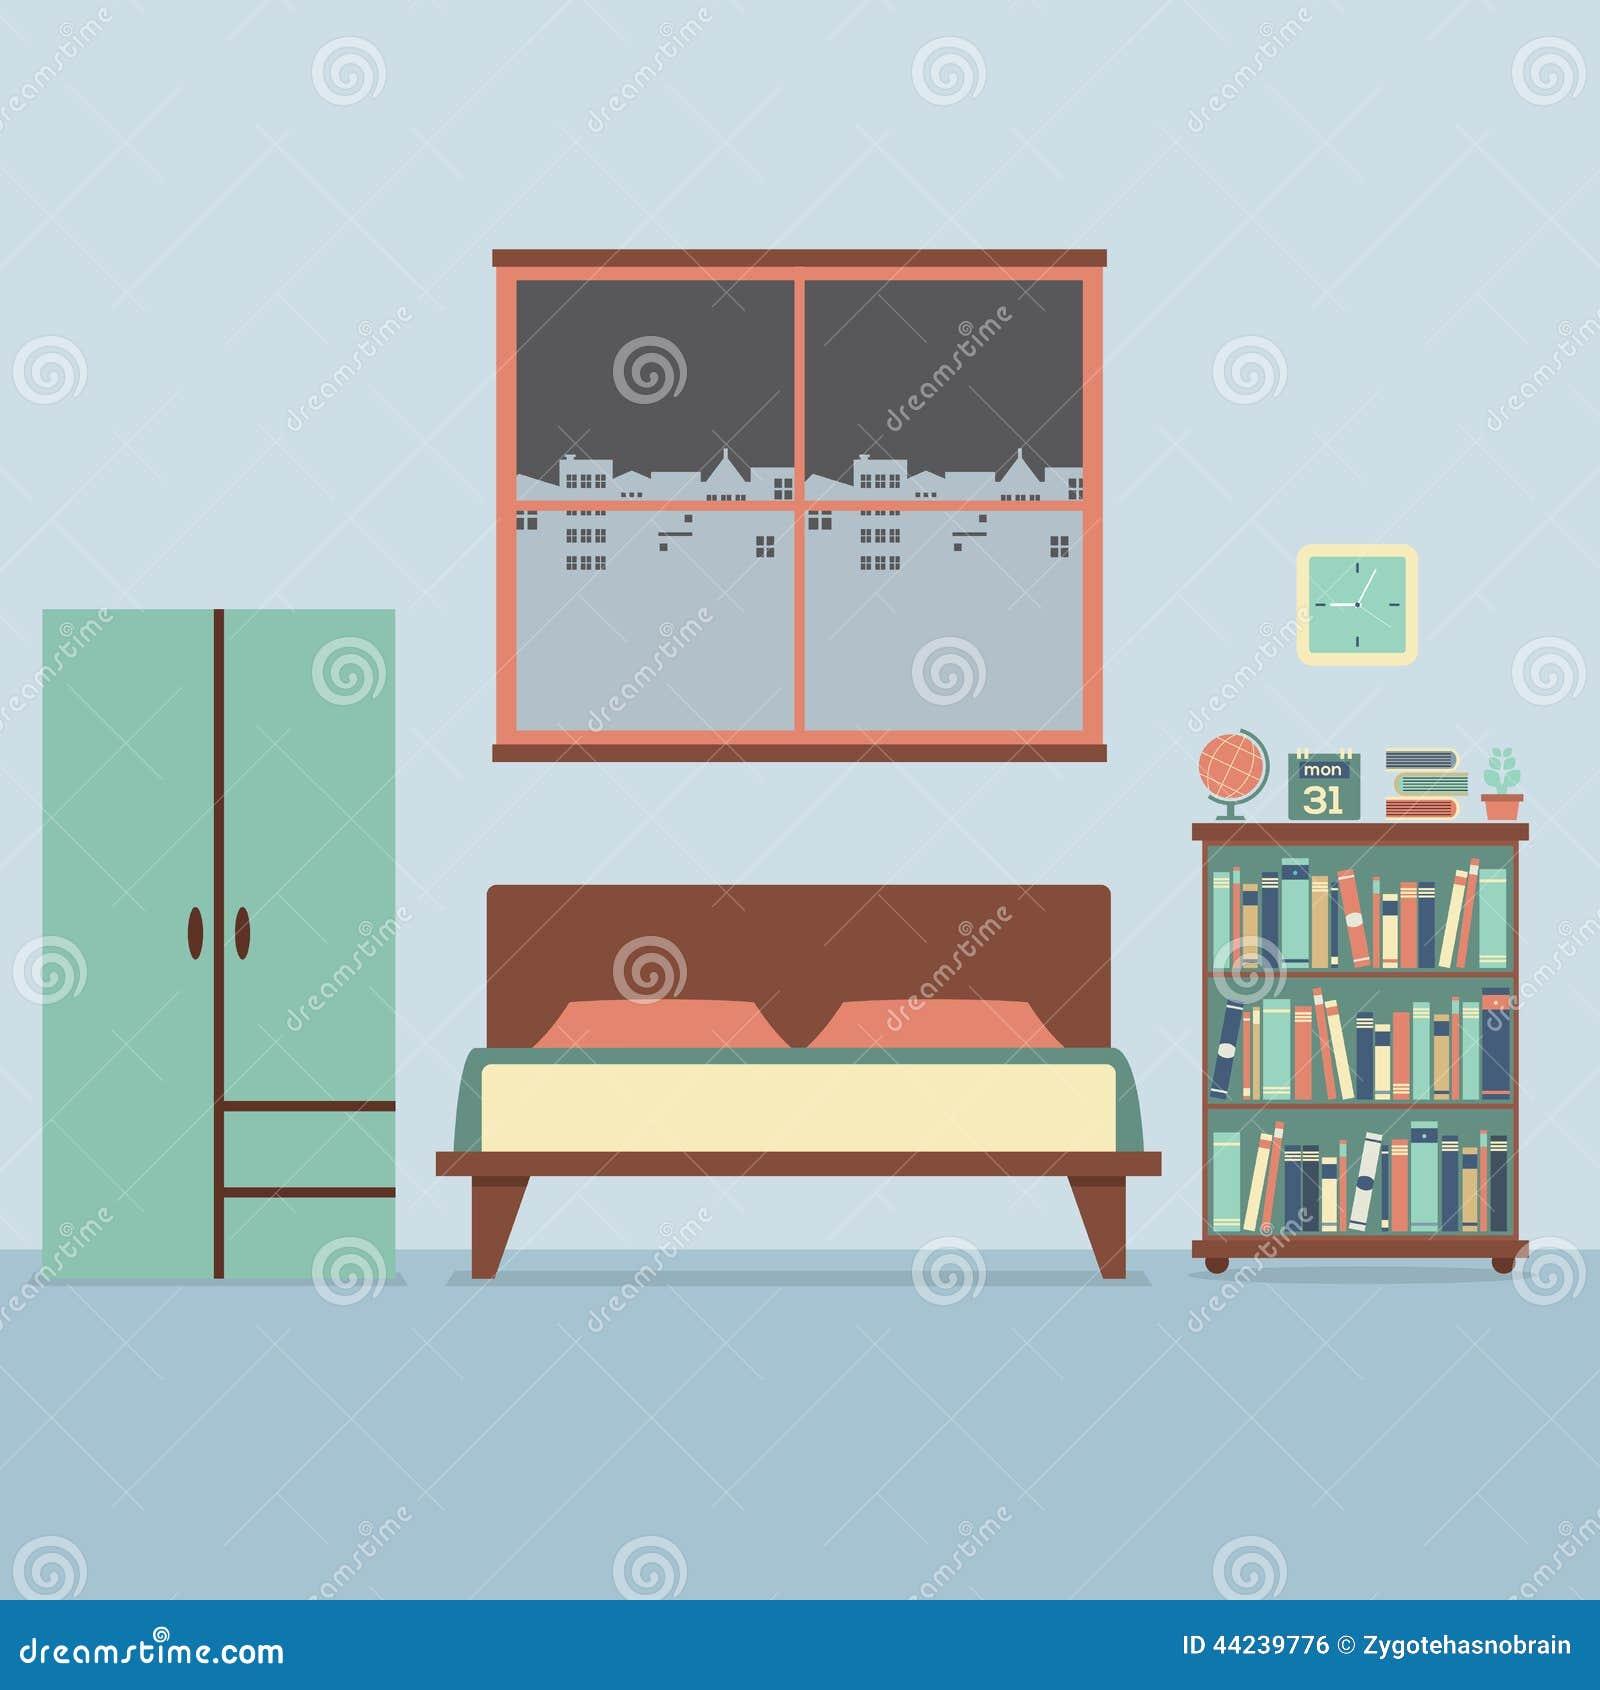 Flat Design Bedroom Interior Stock Vector Illustration